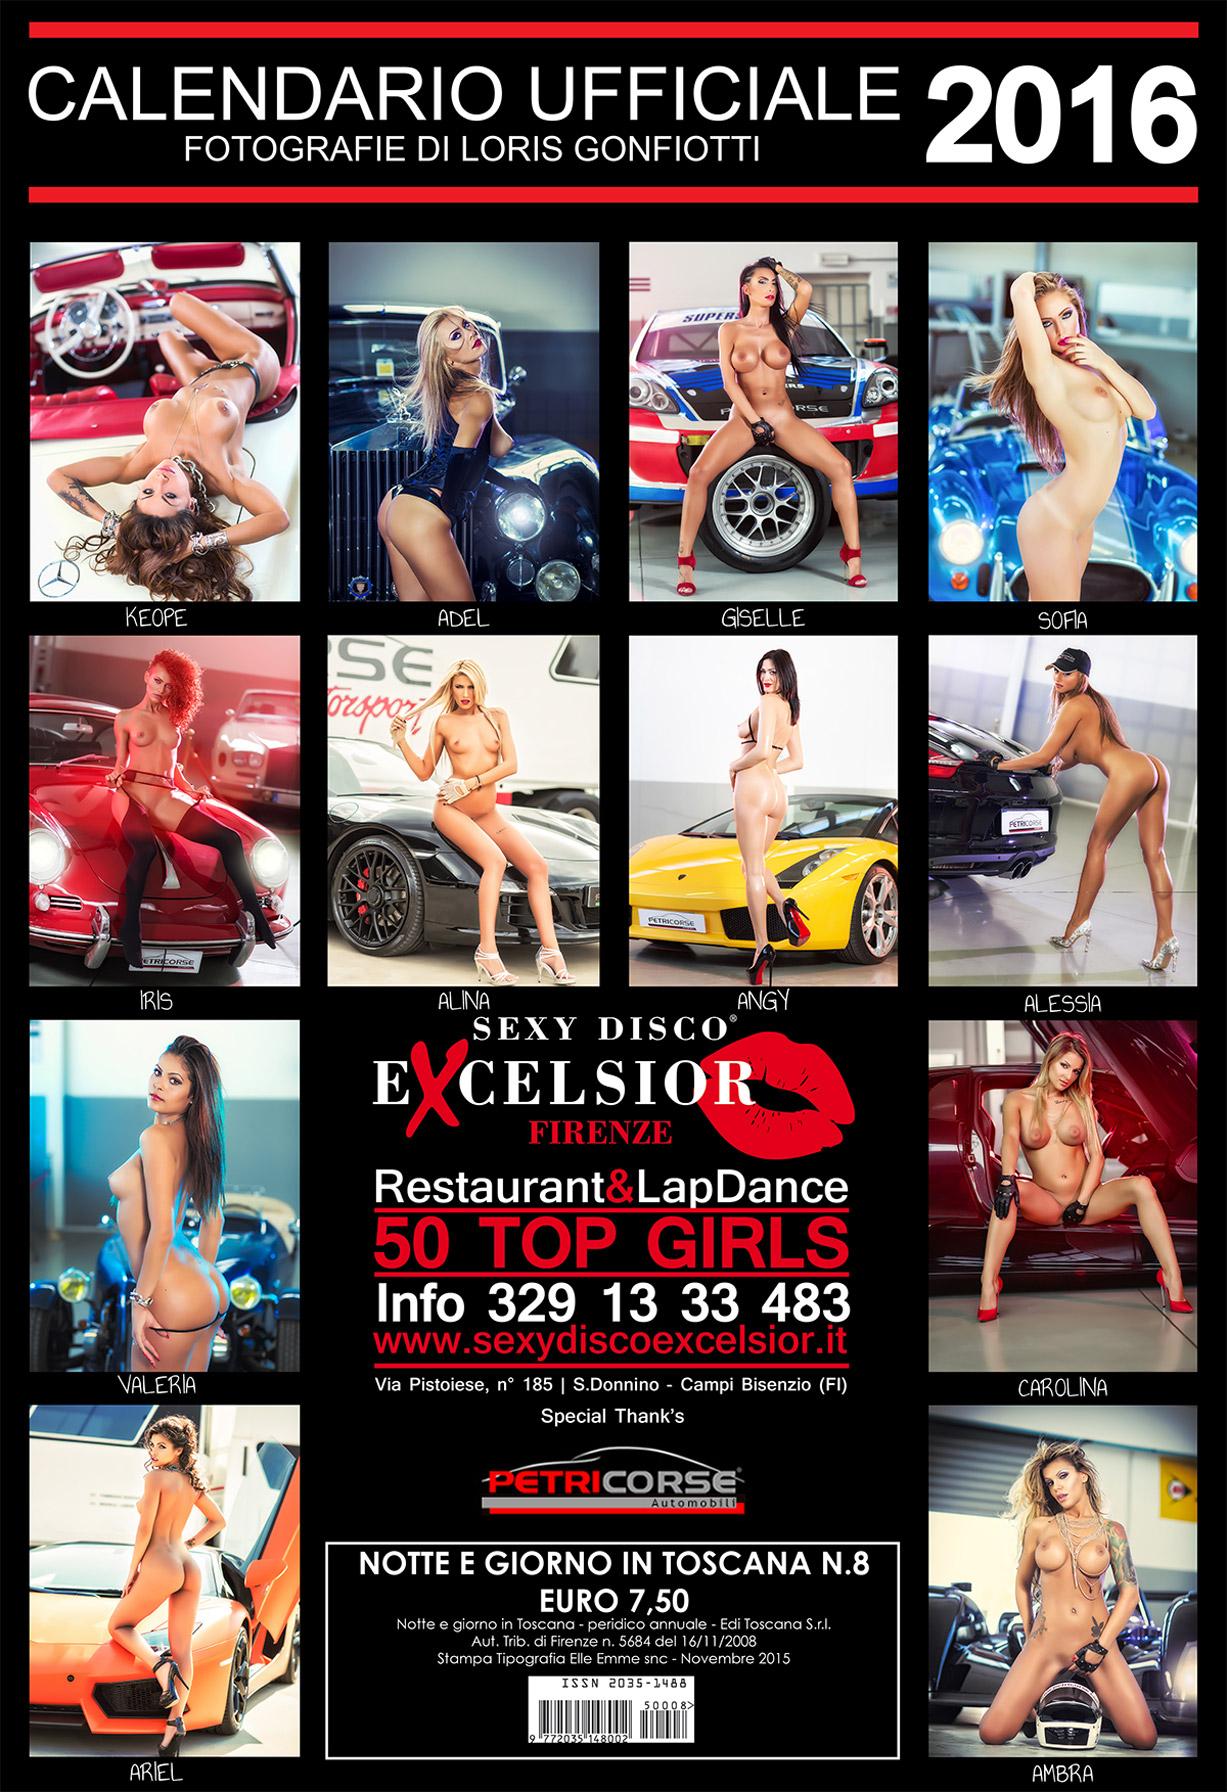 эротический календарь ночного клуба Sexy Disco Excelsior 2016 calendar